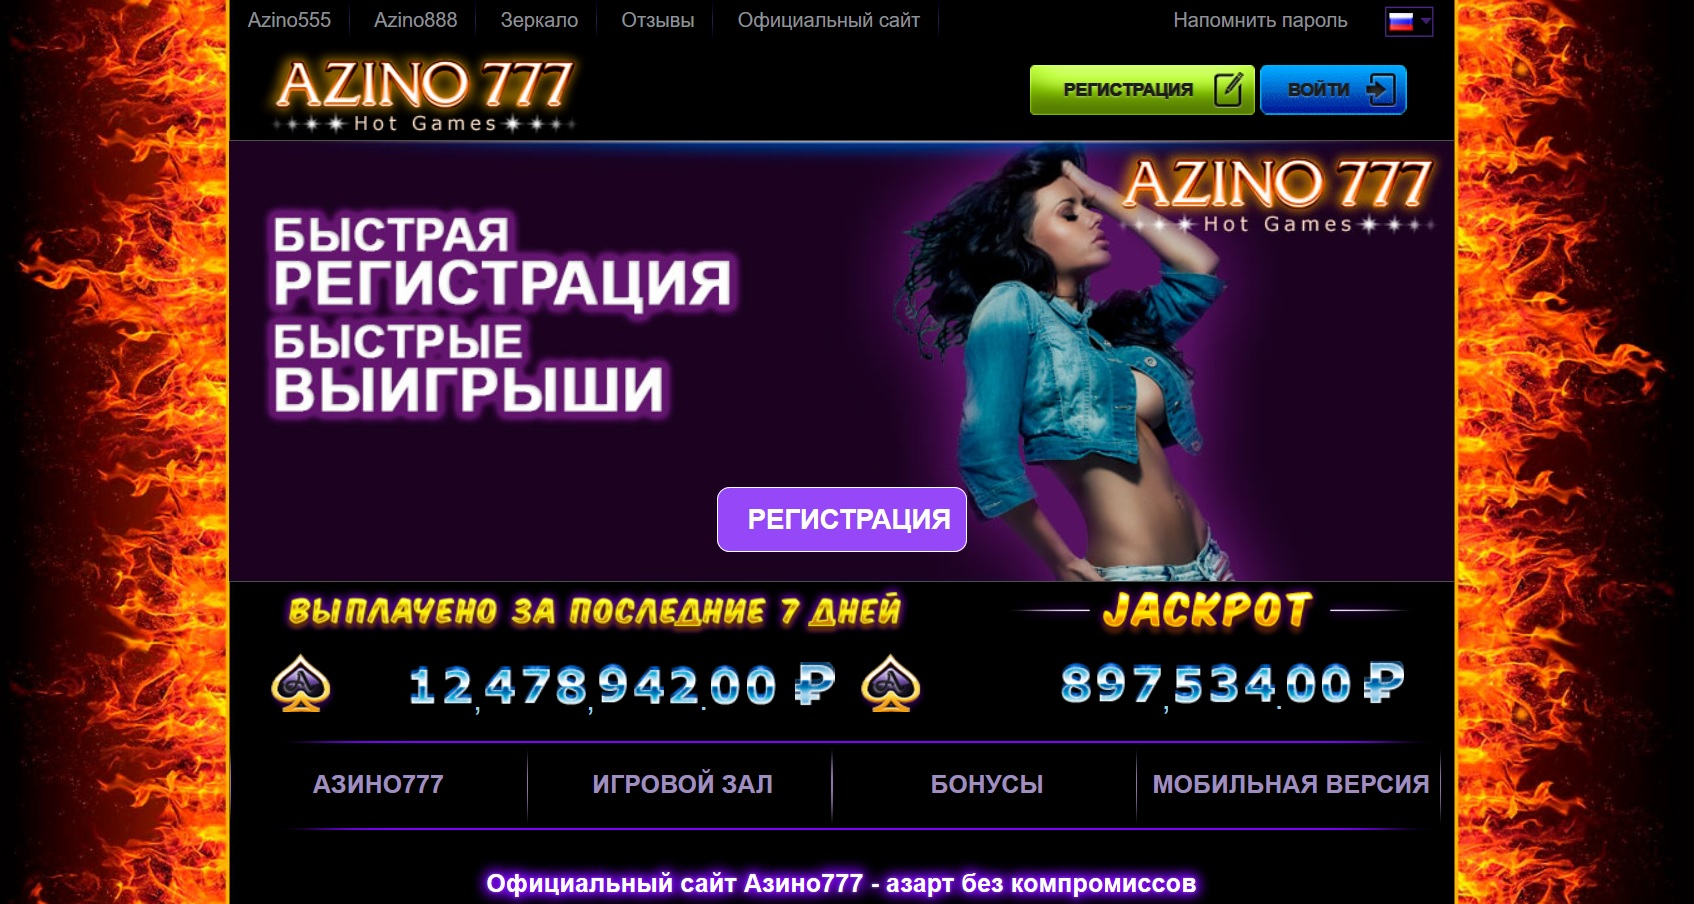 azino официальный